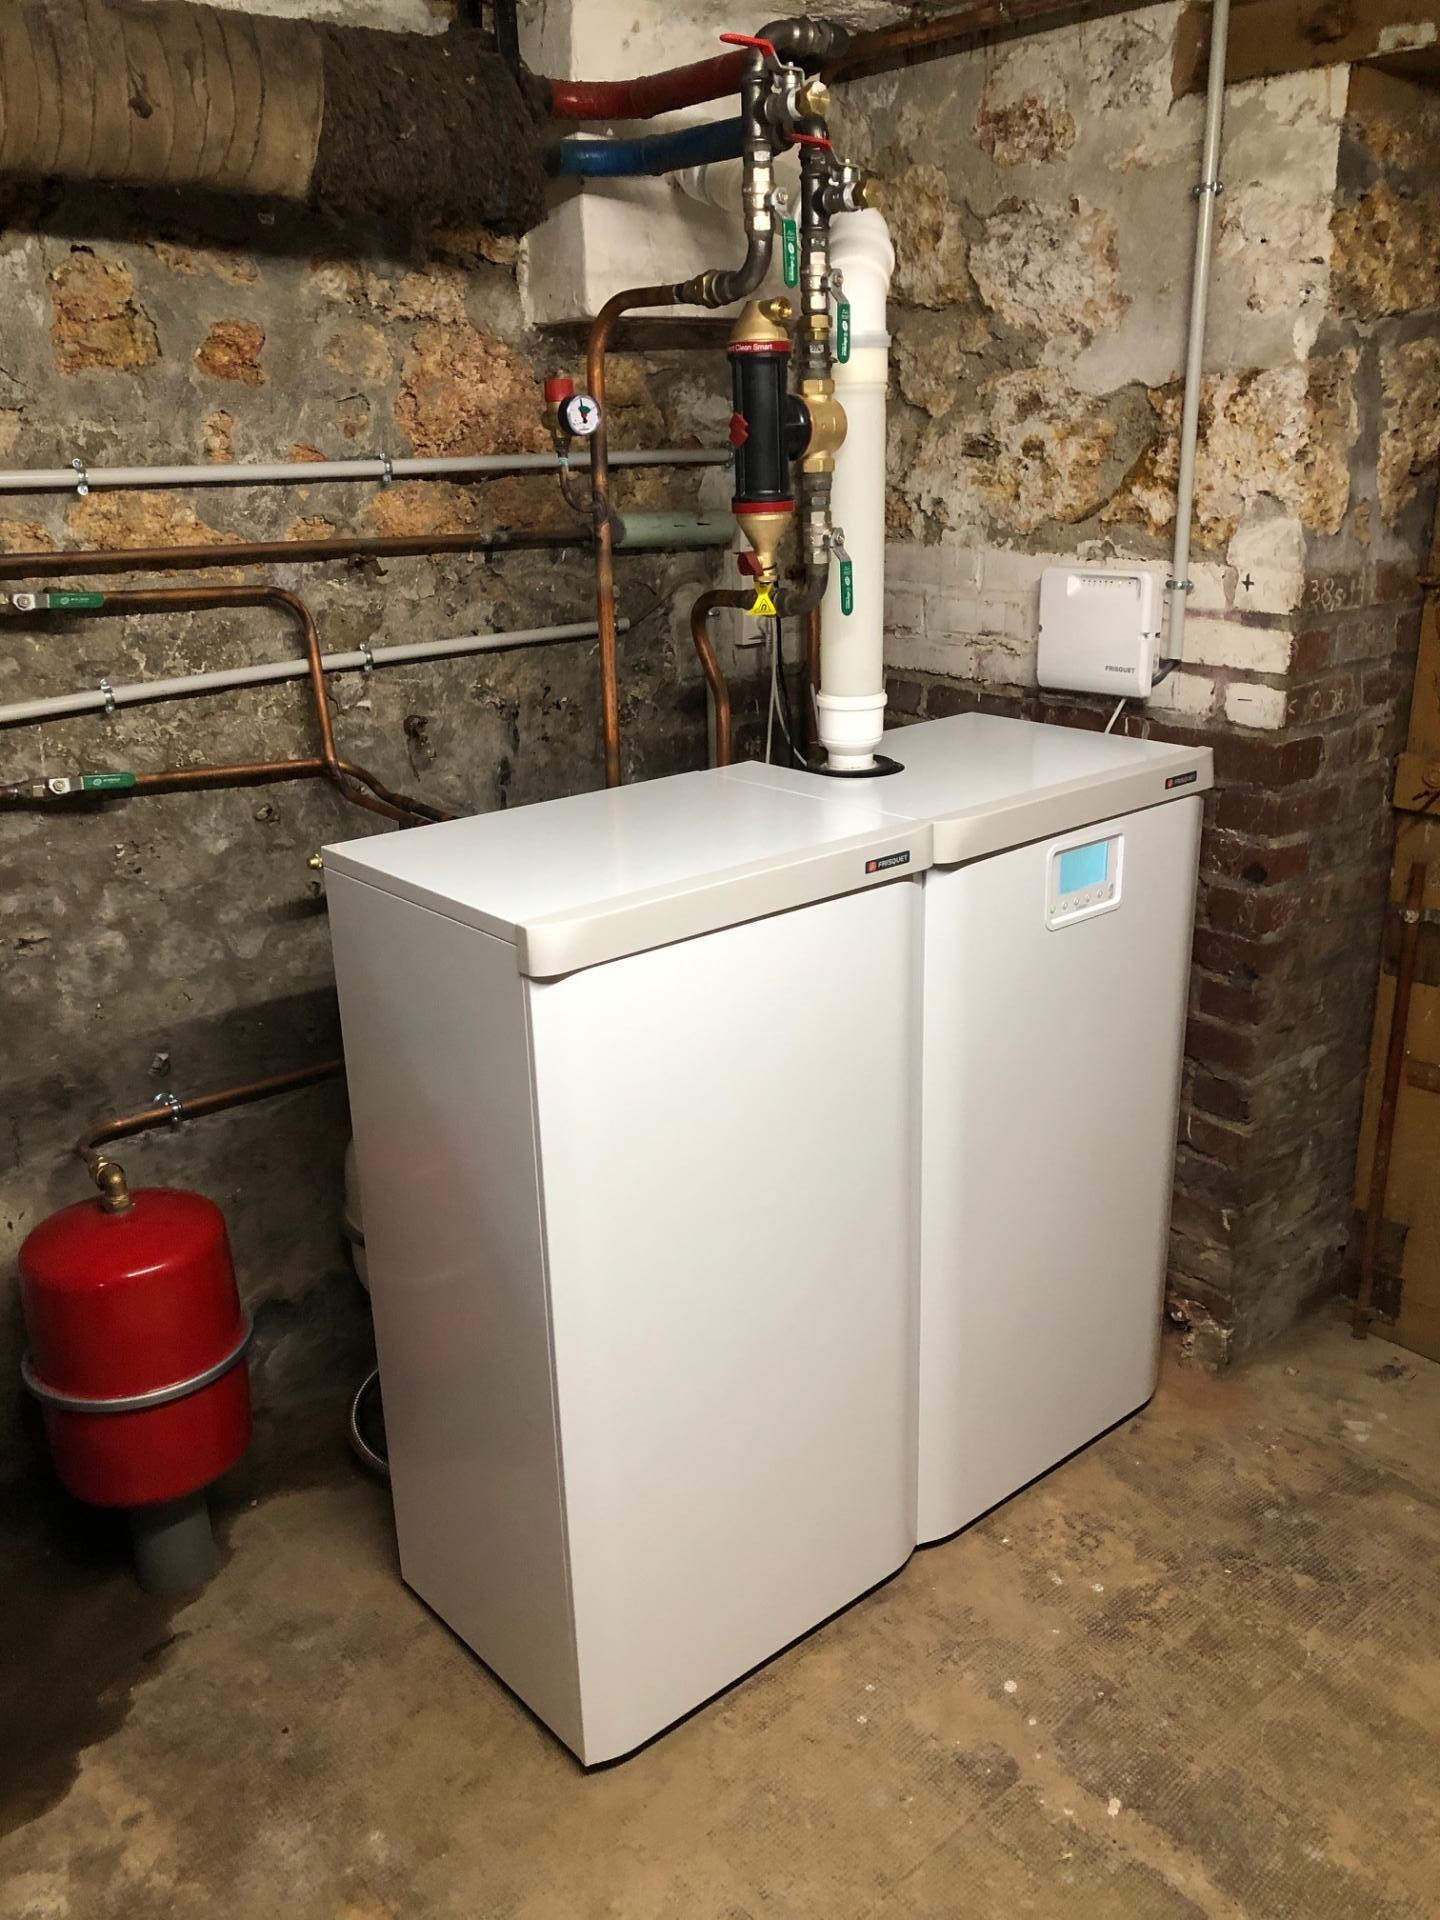 Chaudiere gaz avec production eau chaude a sery fontaine